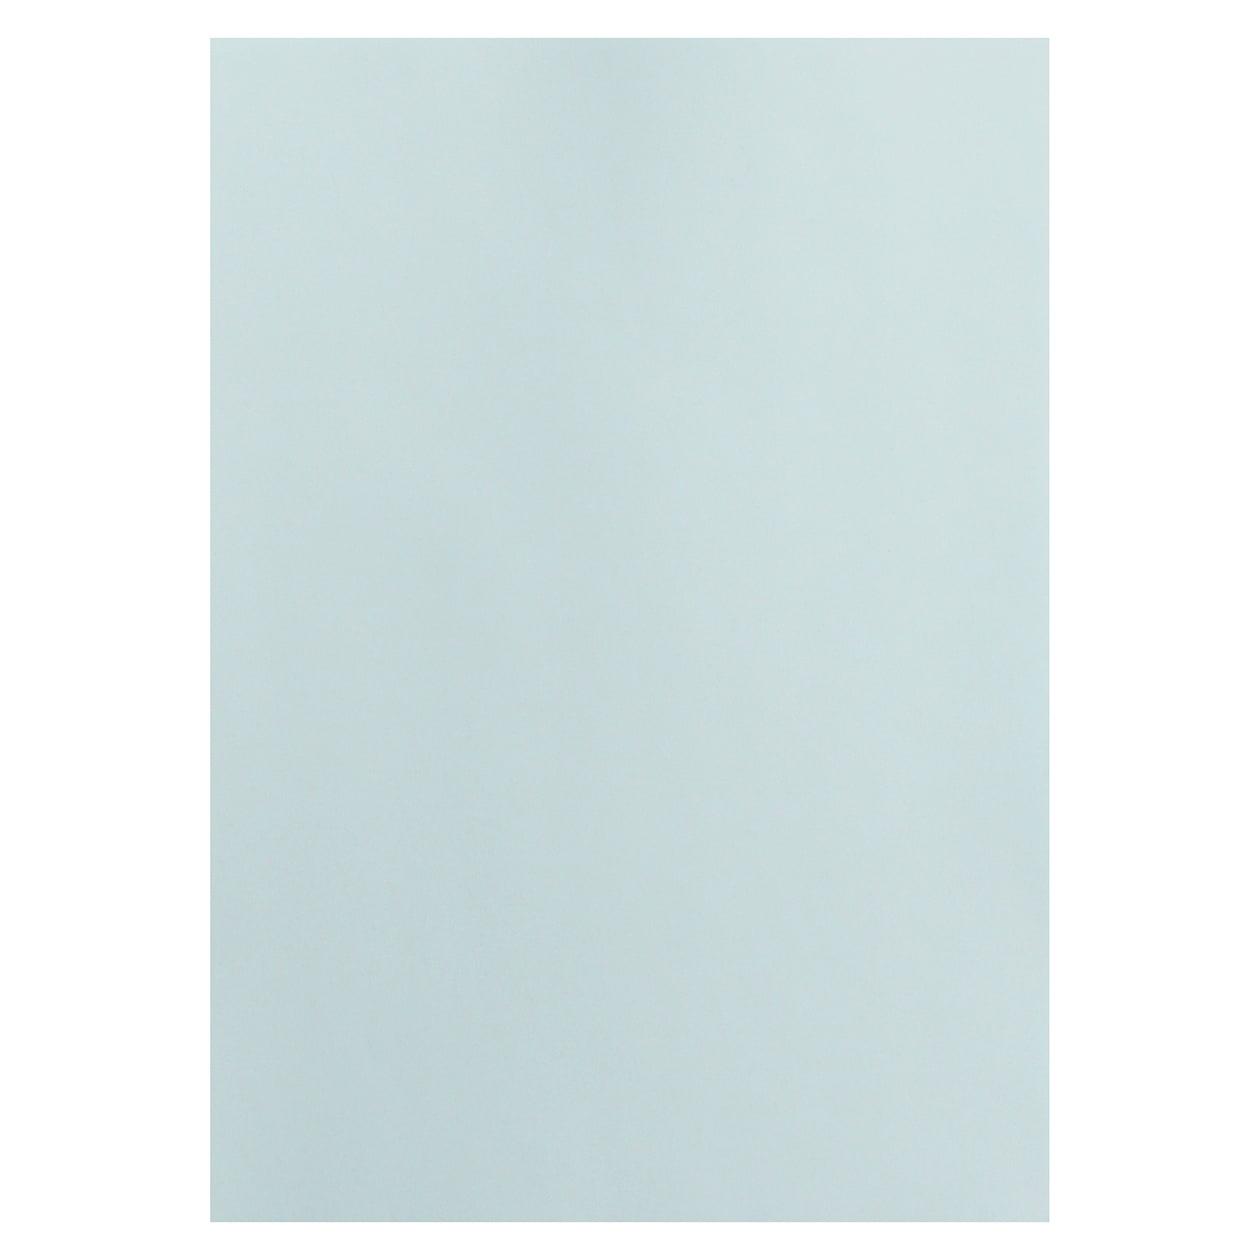 A4シート 上質カラー ブルー 90.7g